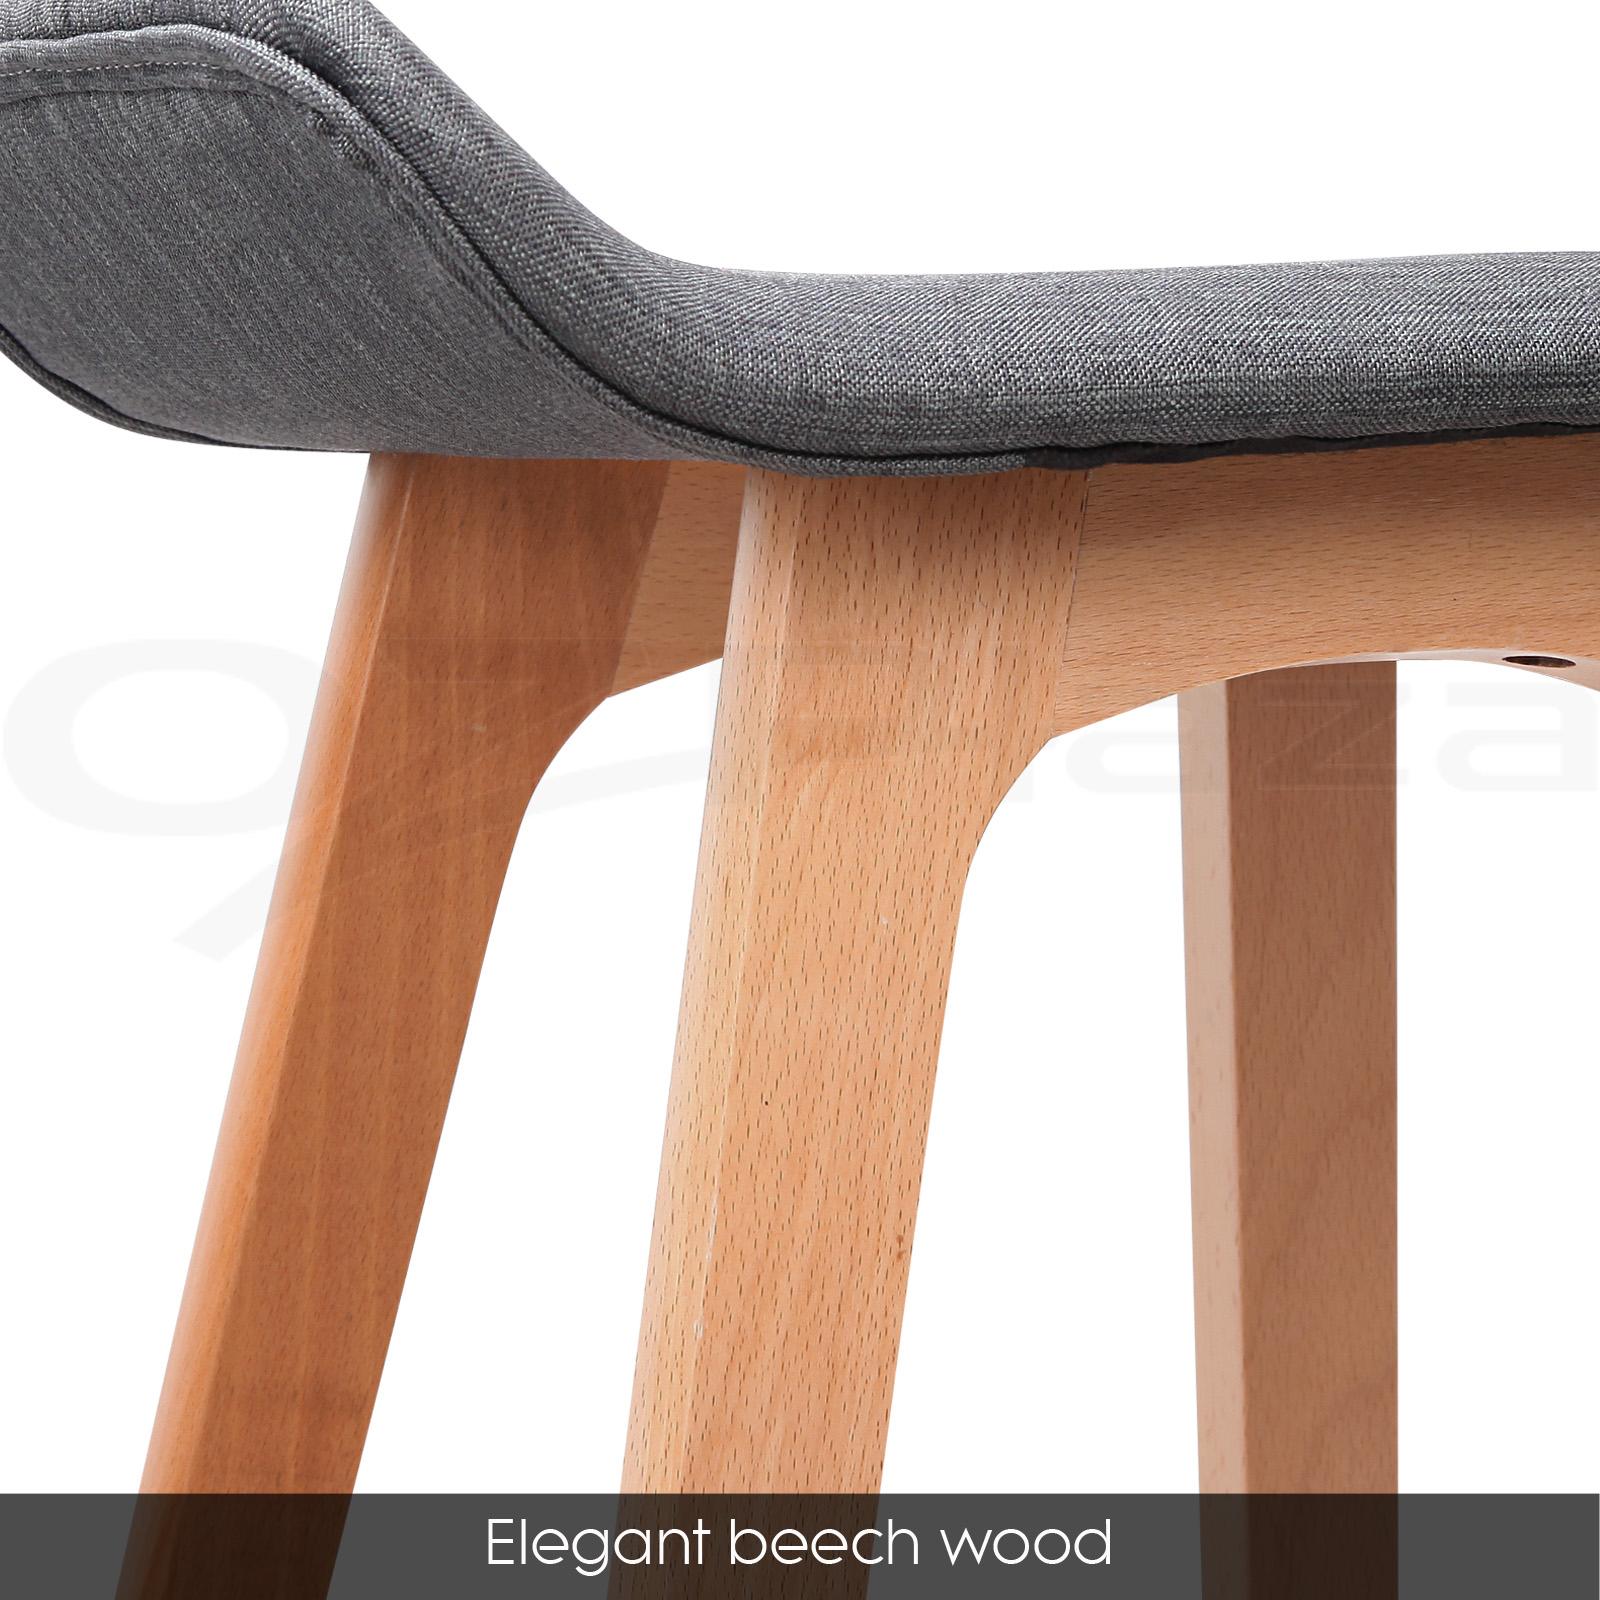 4x Wooden Bar Stools Kitchen Barstool Fabric Foam Seat  : BA TW T1568 BKX4 P03 from www.ebay.com.au size 1600 x 1600 jpeg 533kB